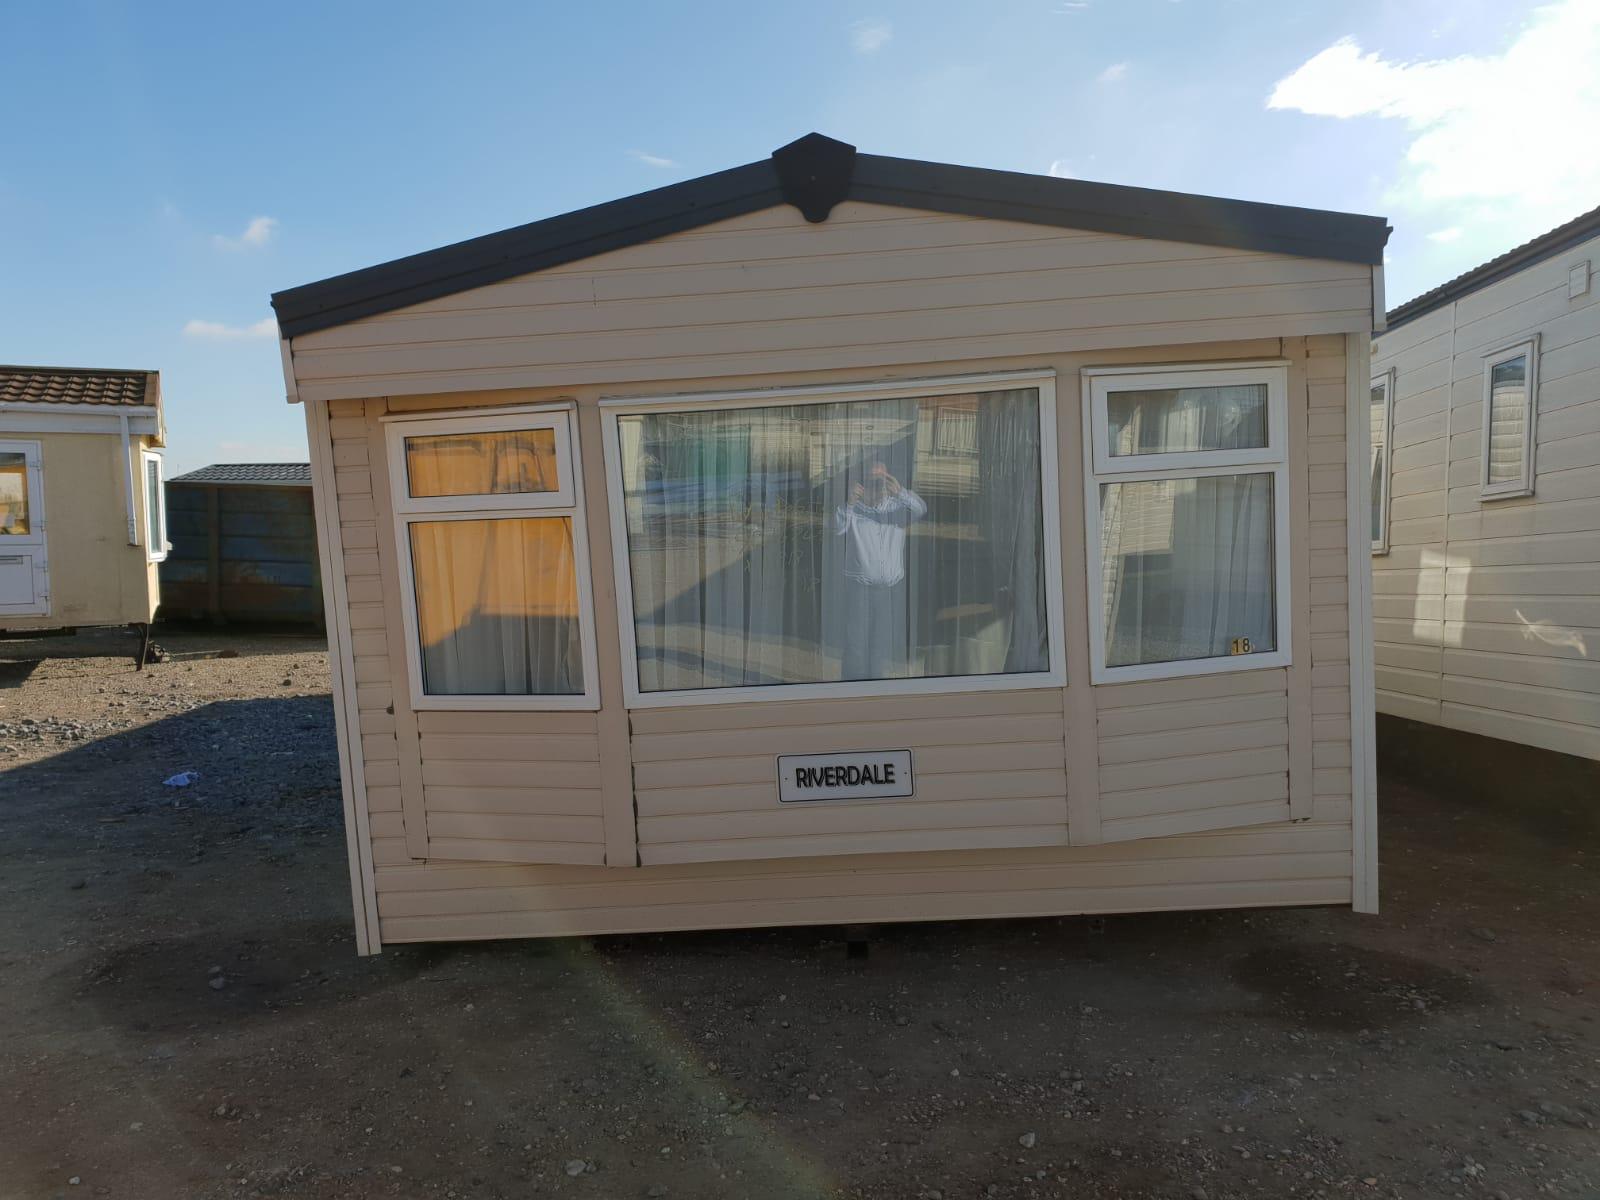 MOBILHEIM, Chalet, Mobiles Haus – Wintertauglich – 3-Schlafzimmer